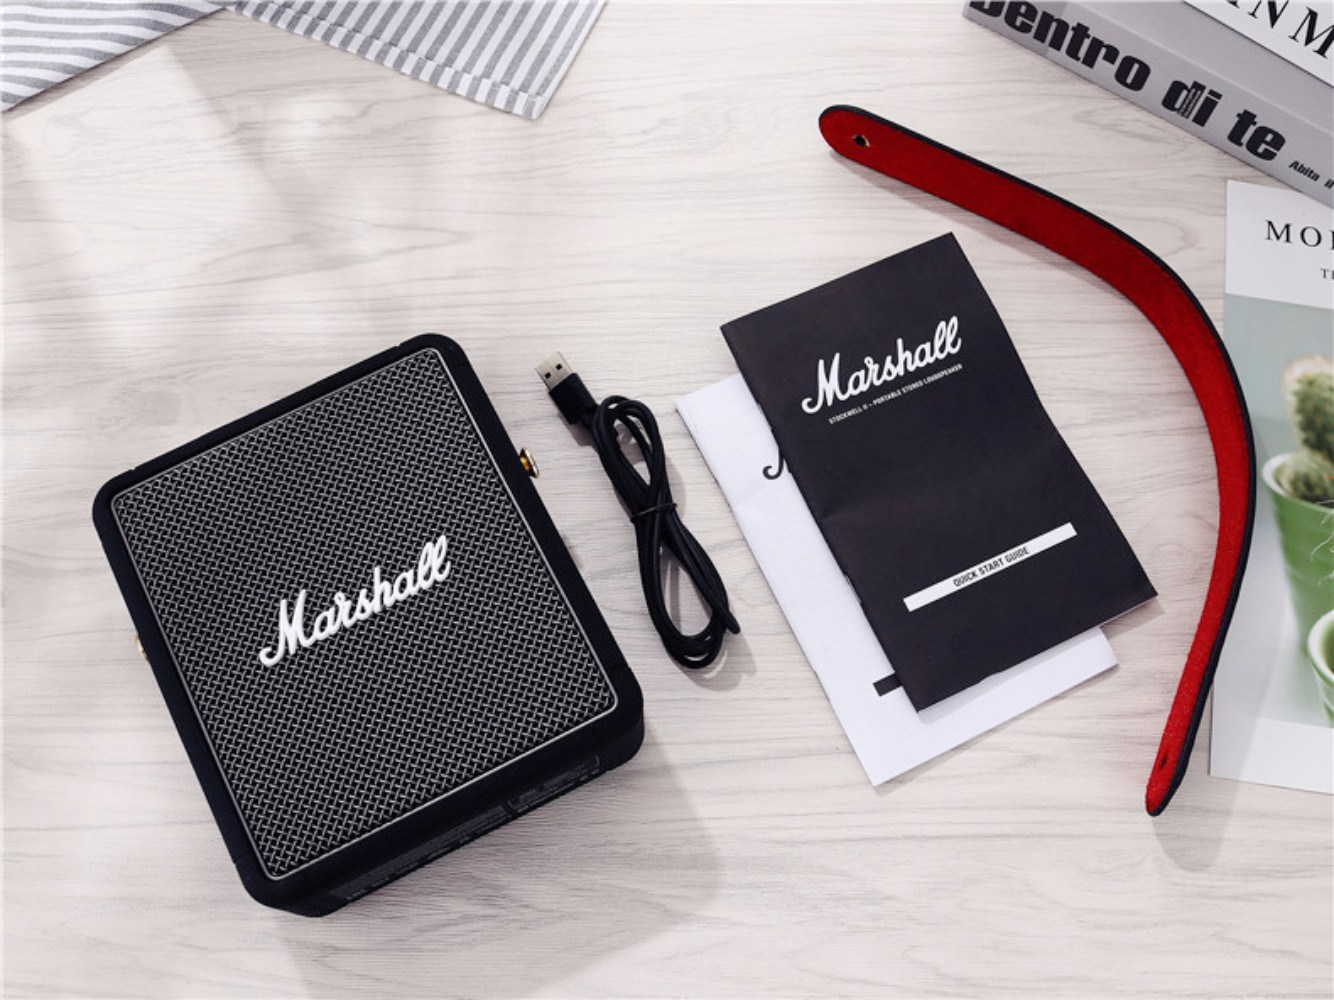 마샬스톡웰 고급 블루투스스피커 무선 레트로 클래식 심플 휴대용, 표준 + StockweLLLL2세대블랙+오디오케이블